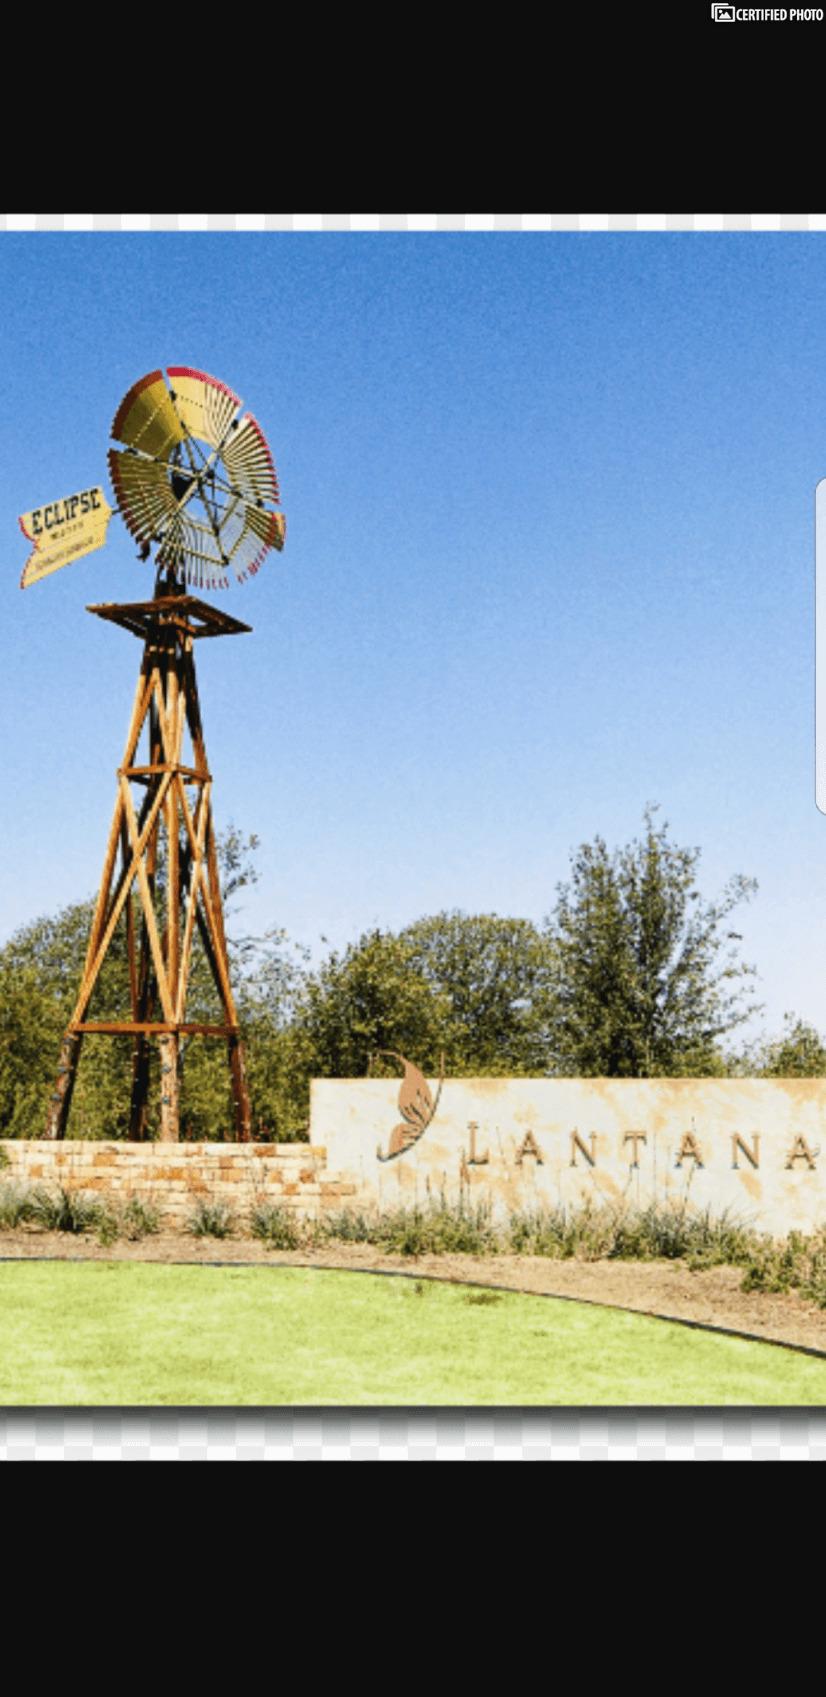 Windmill Entrance to Lantana